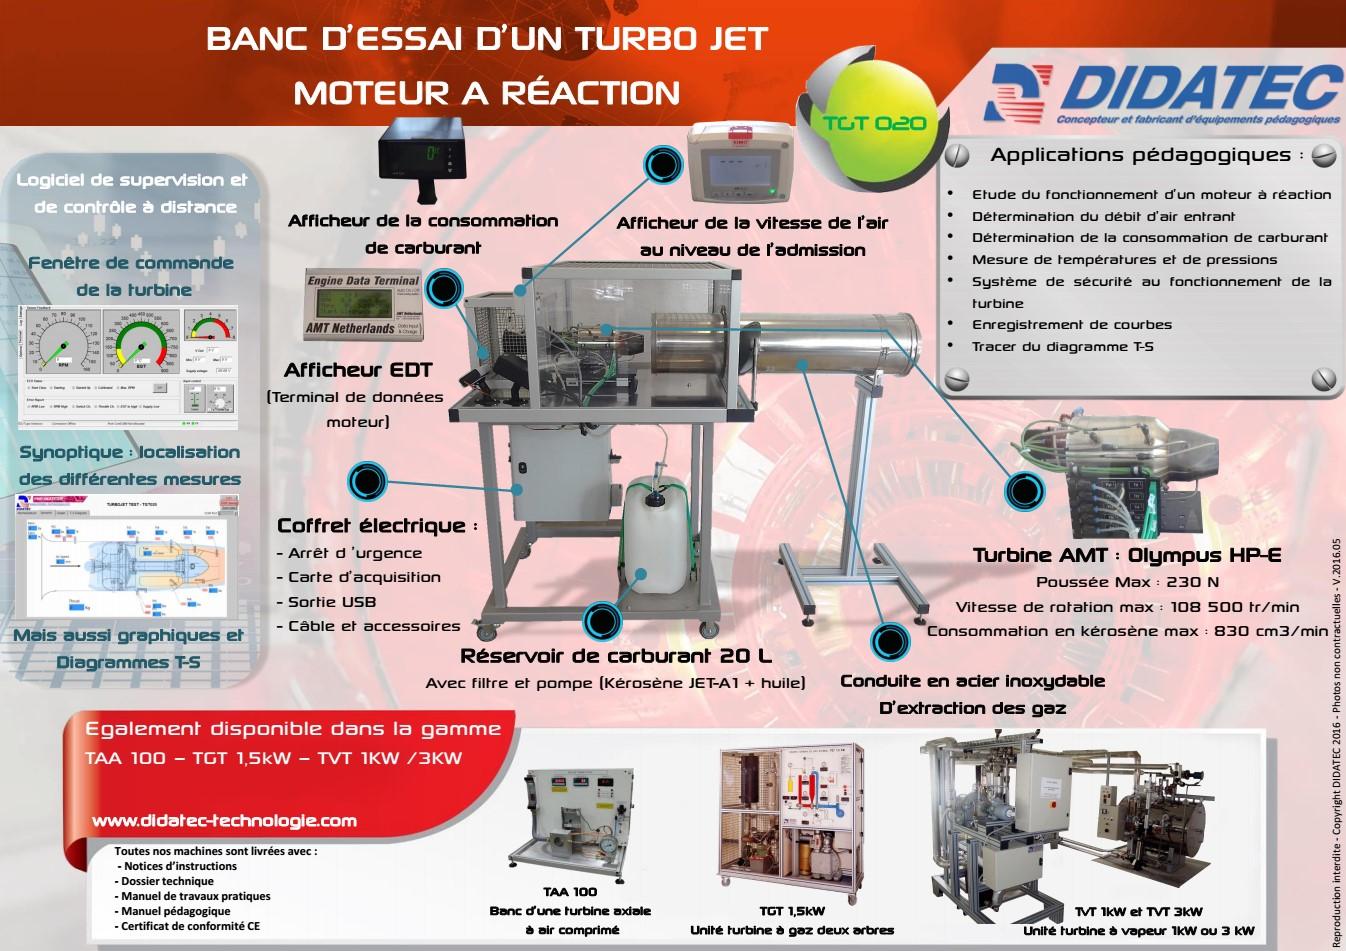 Nouveauté Banc Dessai Dun Turbo Jet Moteur A Réaction Tgt